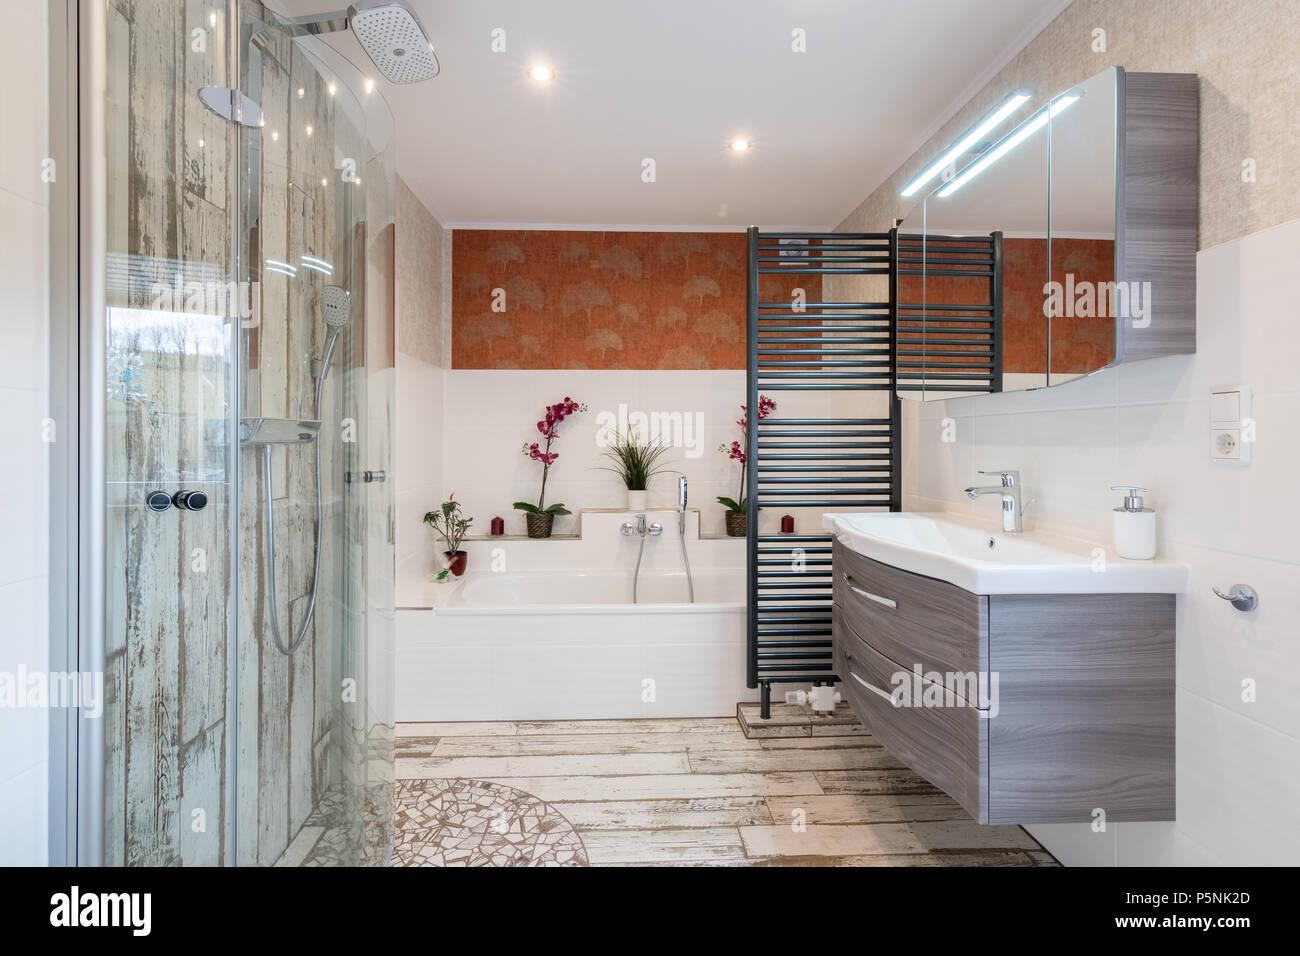 Bagno moderno in stile vintage con lavandino vasca doccia in